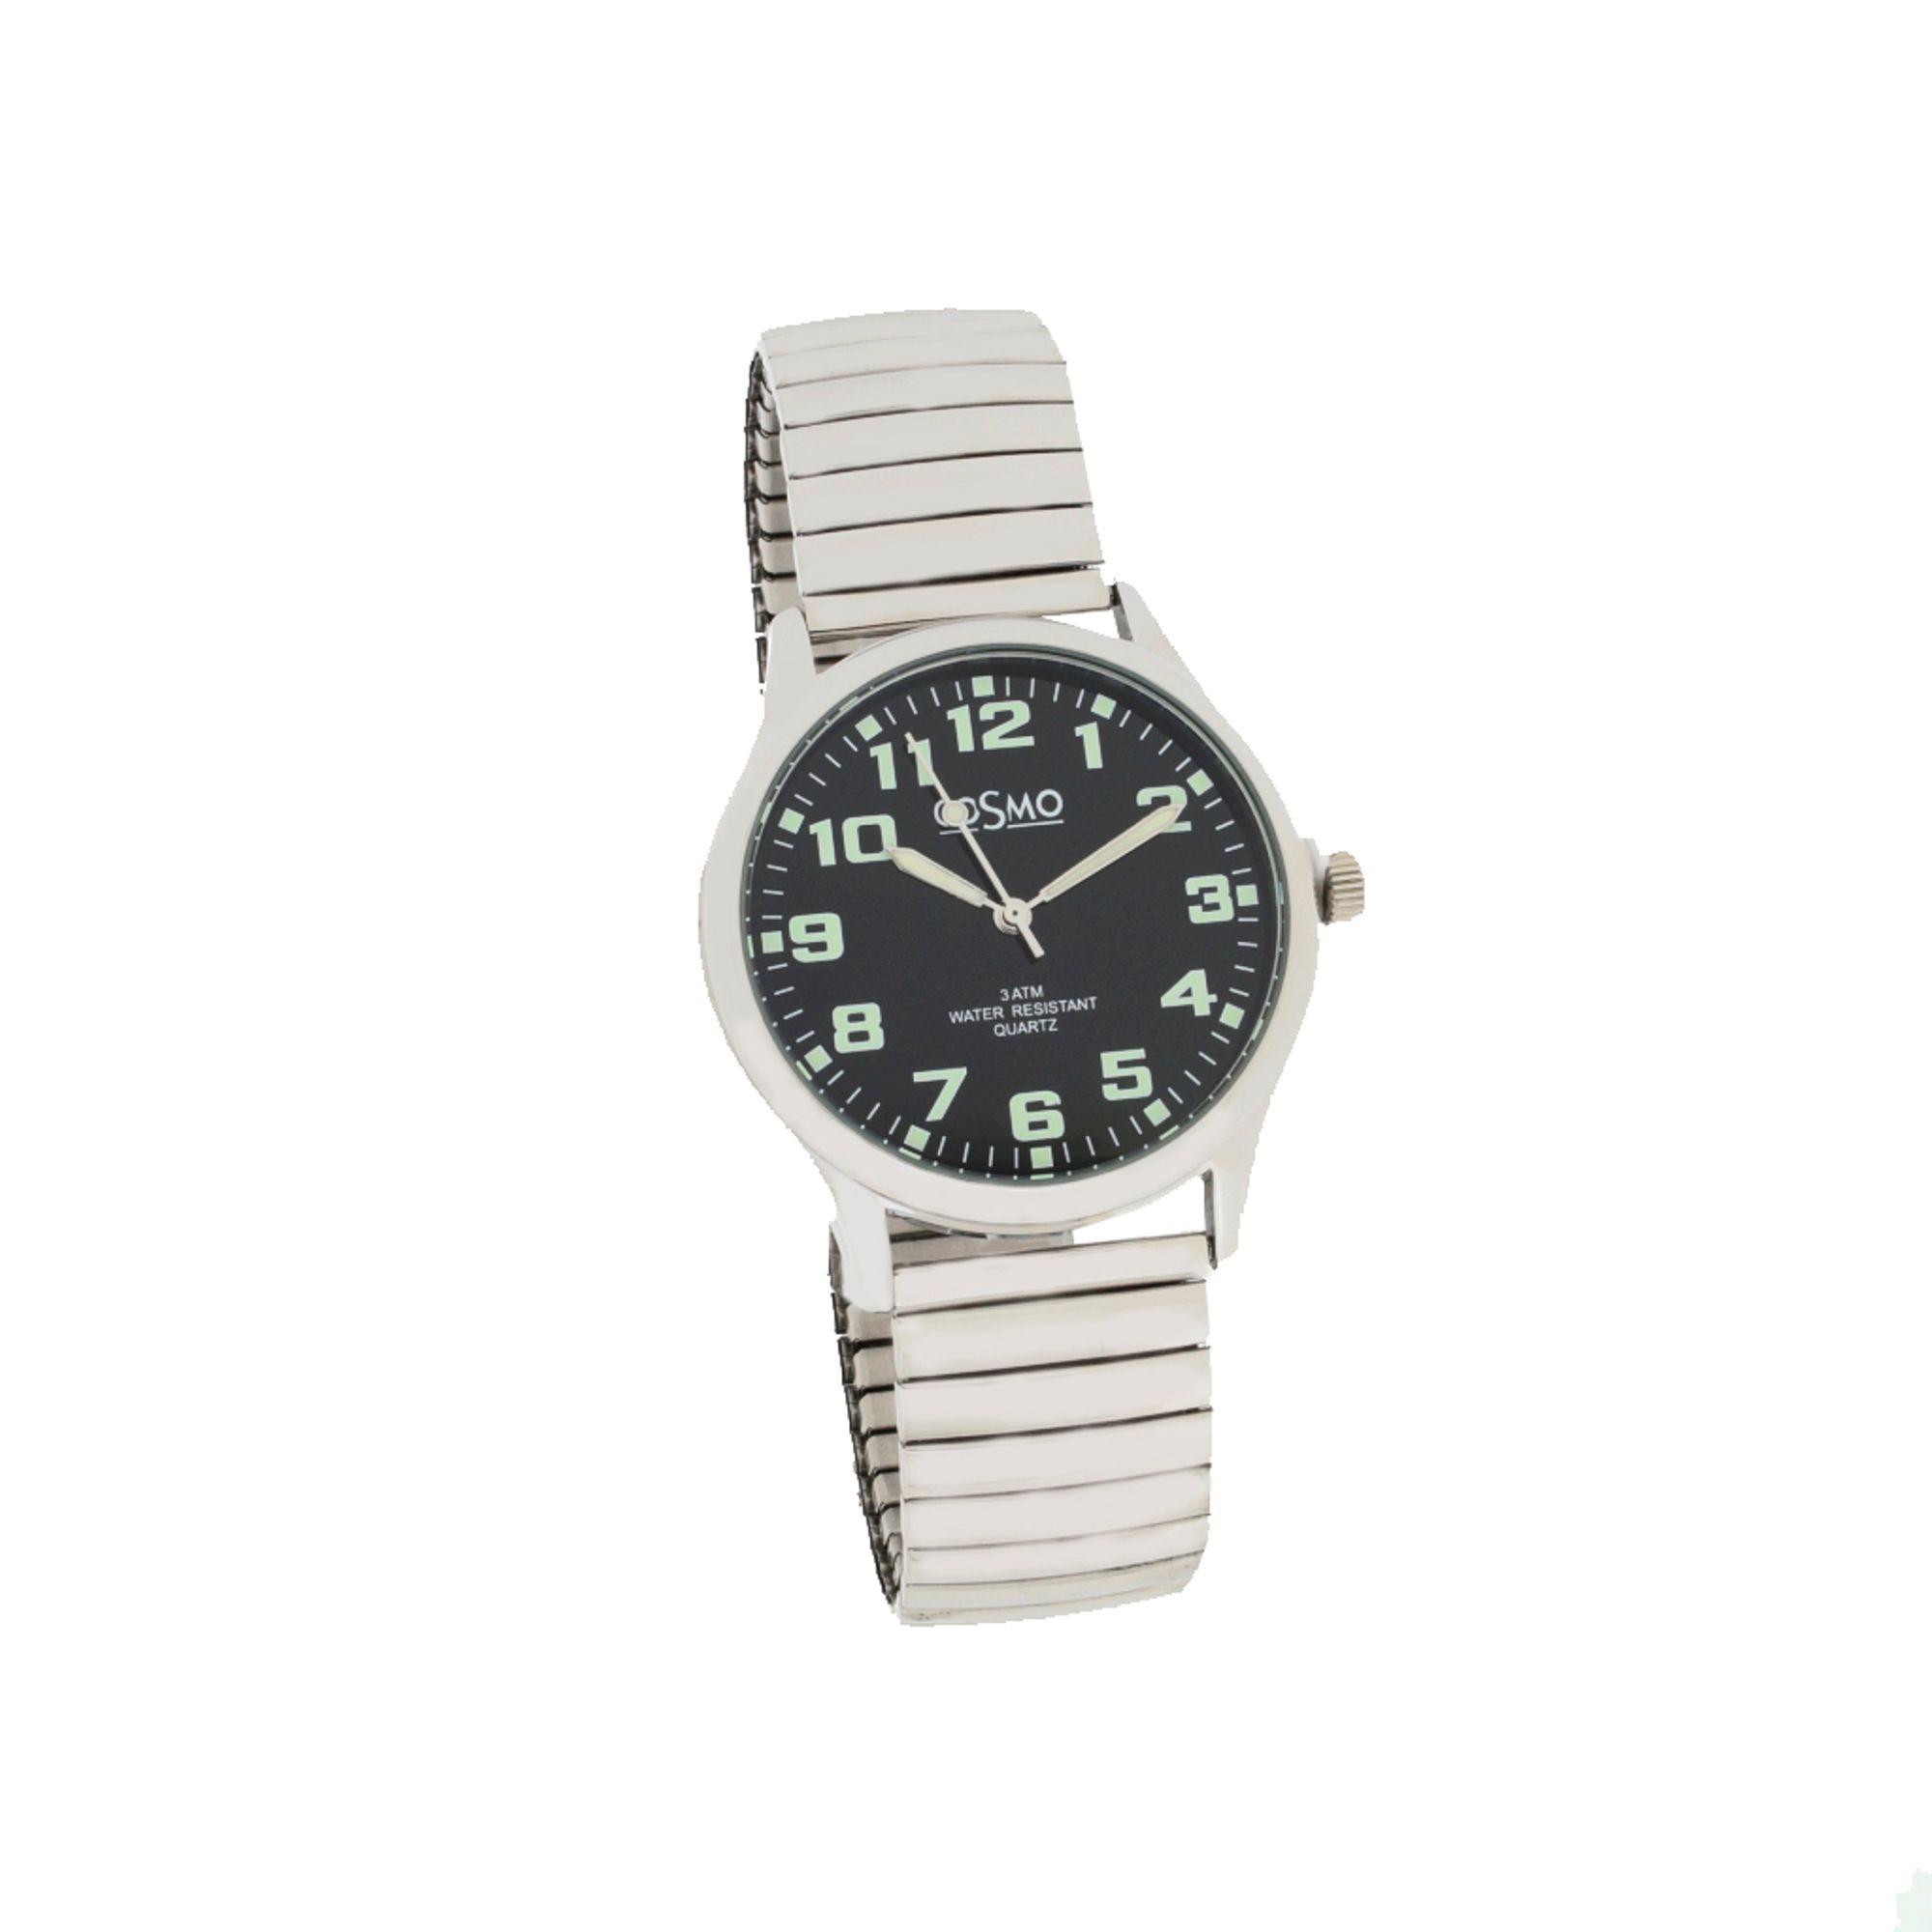 Cosmo 281116-ZB-ZI-schwarz Uhr Herrenuhr Zugband silber